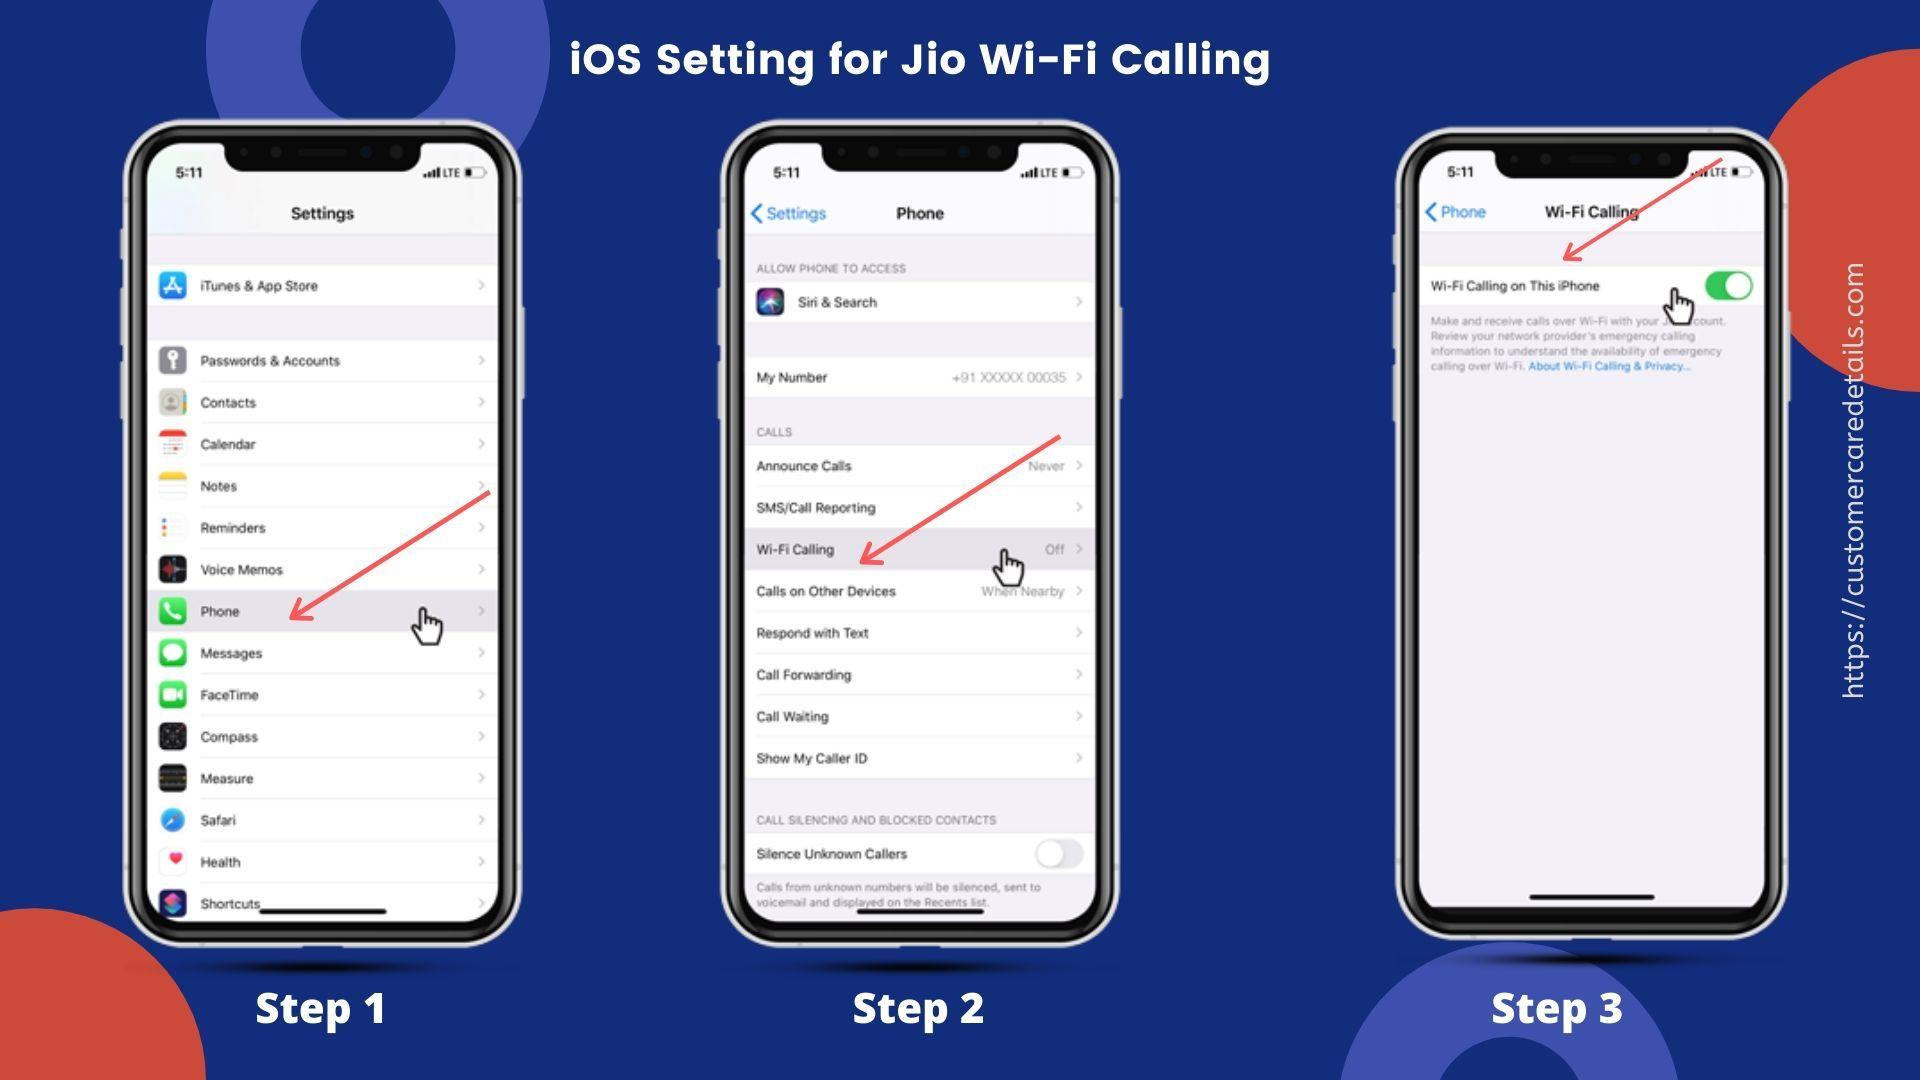 jio-wifi-calling-ios-settings